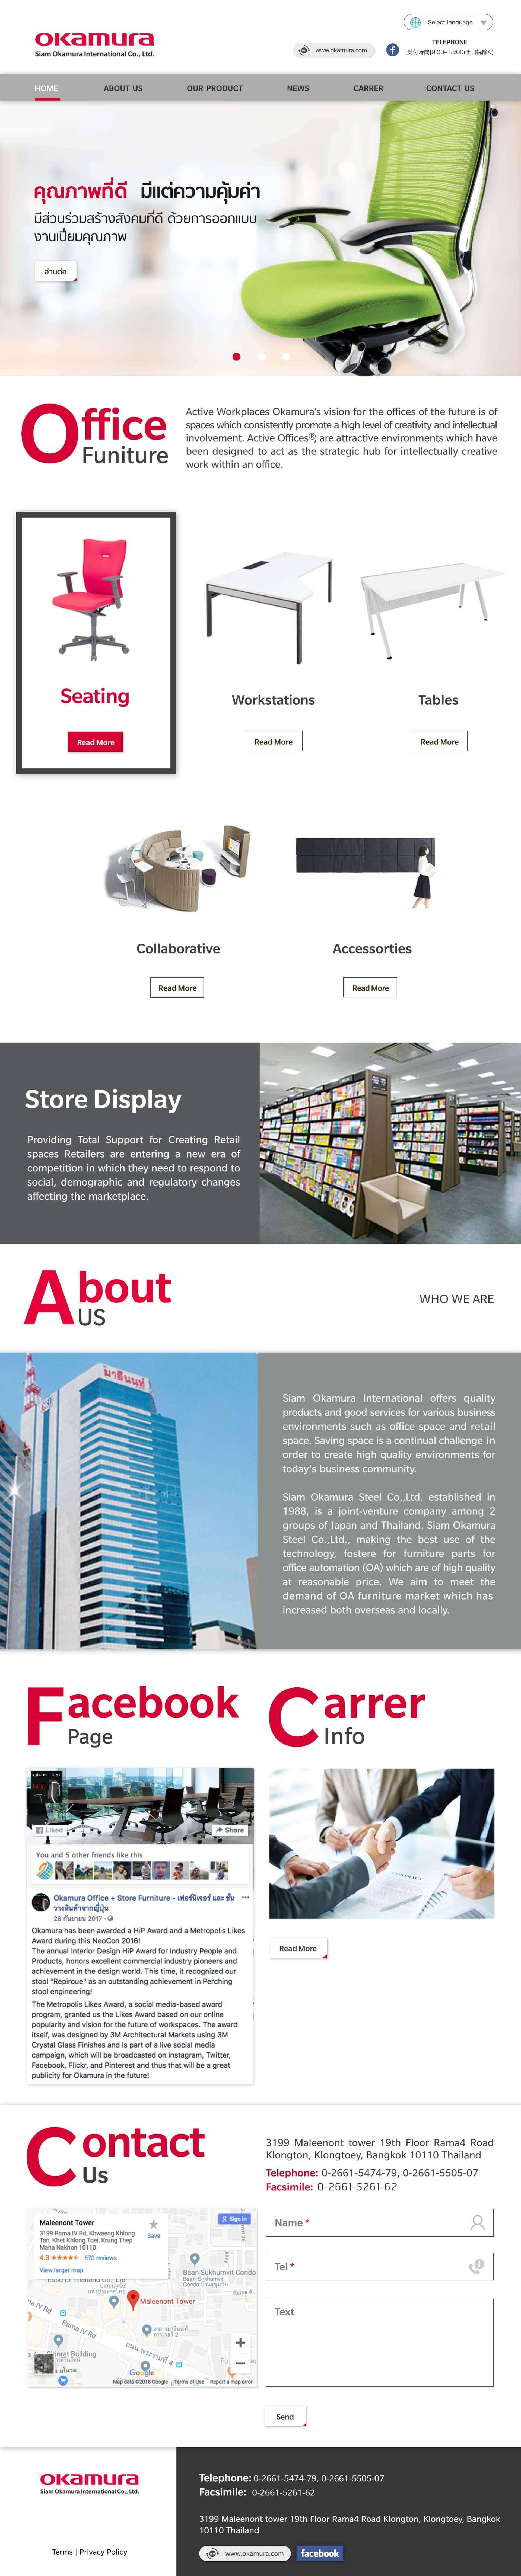 ฟิวนิเจอร์ | บริการรับทำเว็บไซต์ ออกแบบเว็บไซต์ teeneeweb.com